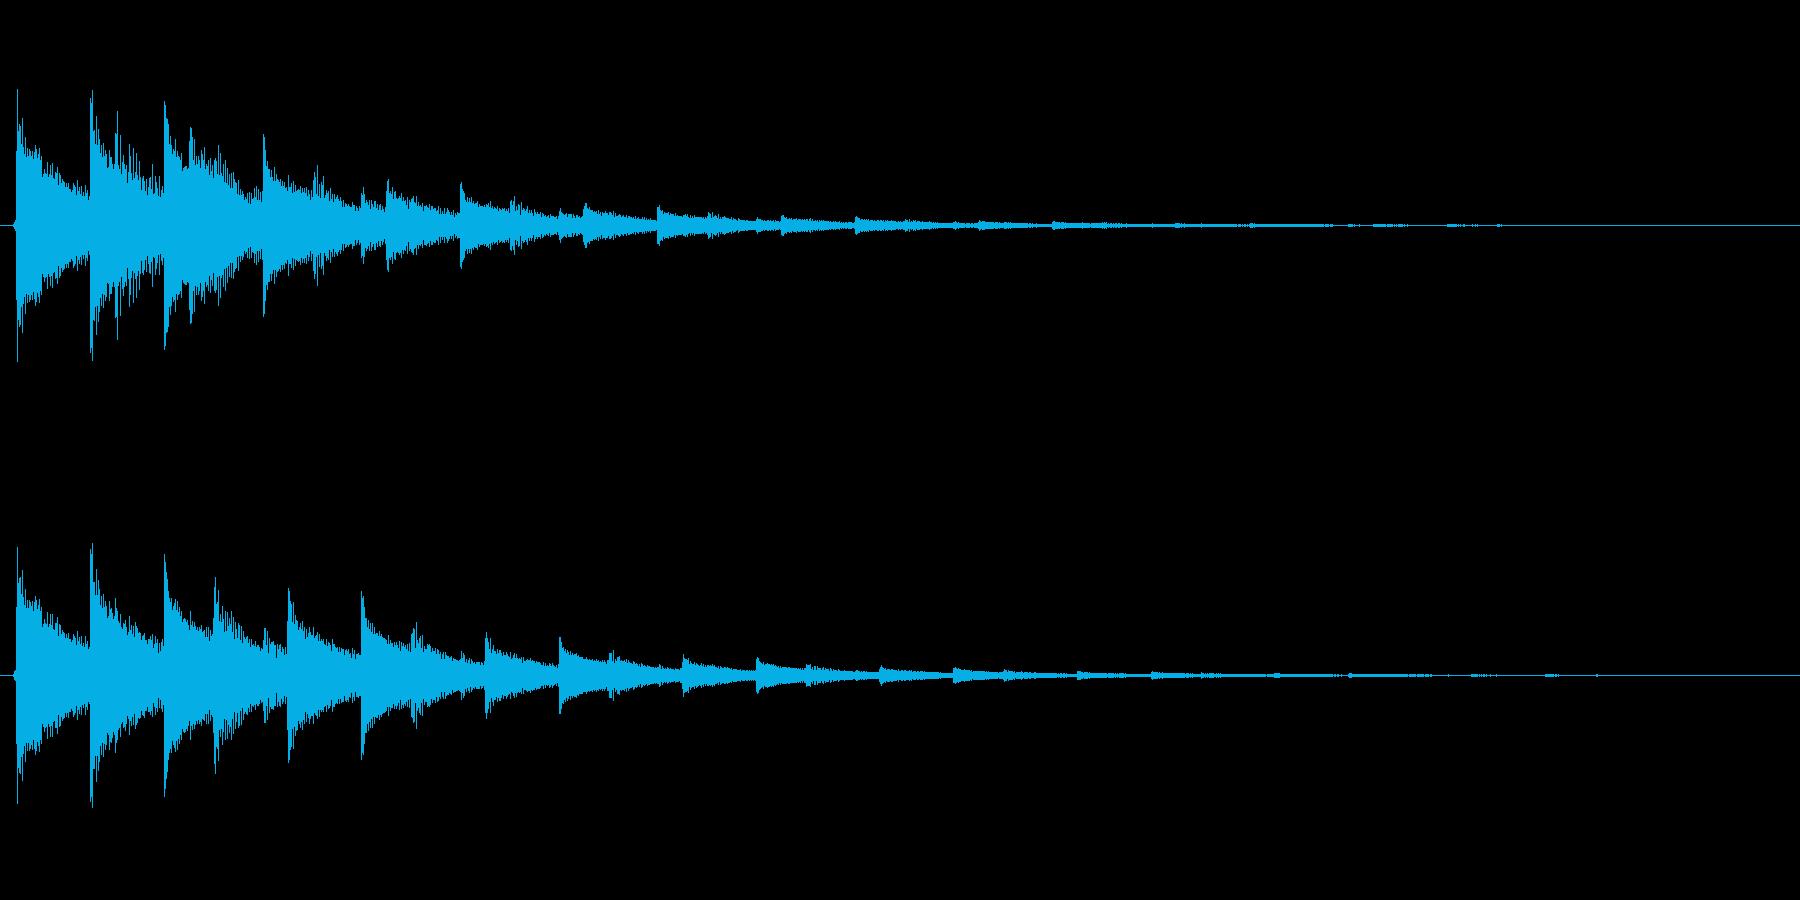 チャララン(決定音、シンセ、高めの音)の再生済みの波形